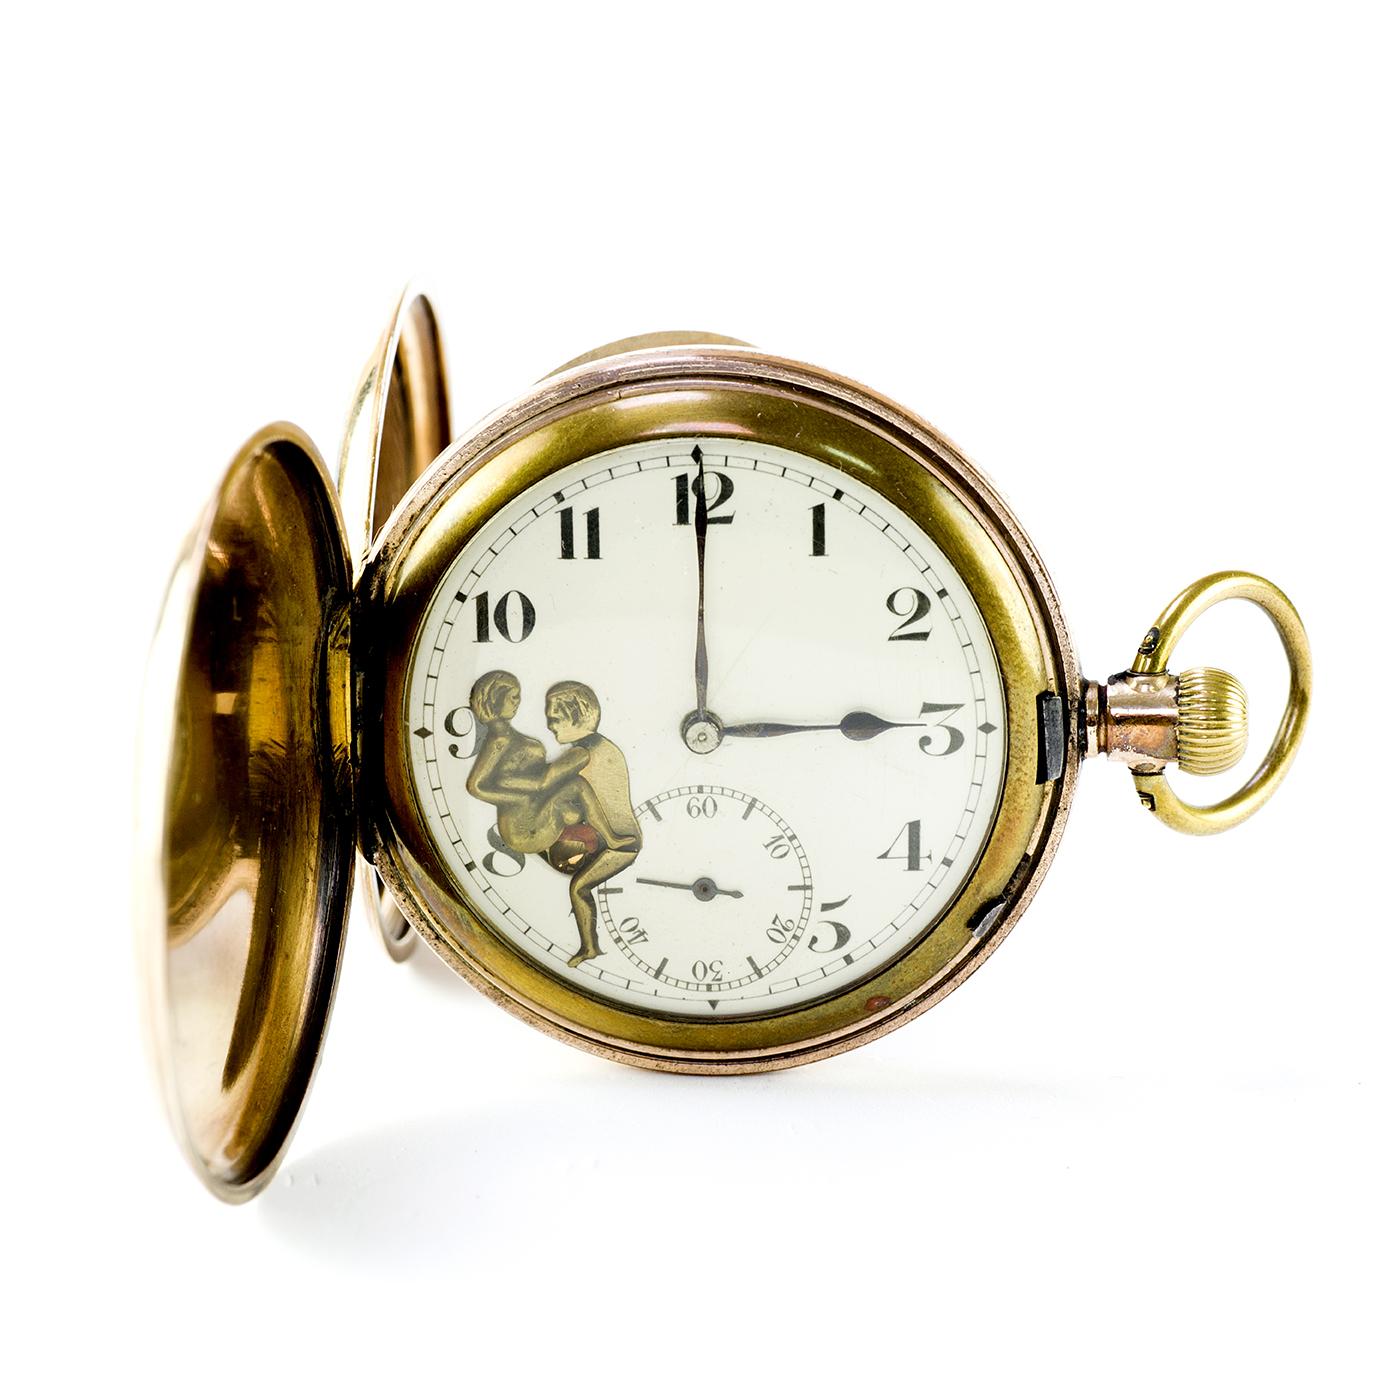 Reloj Suizo de Bolsillo, Saboneta, remontoir, Erótico Automatón. Ca. 1900